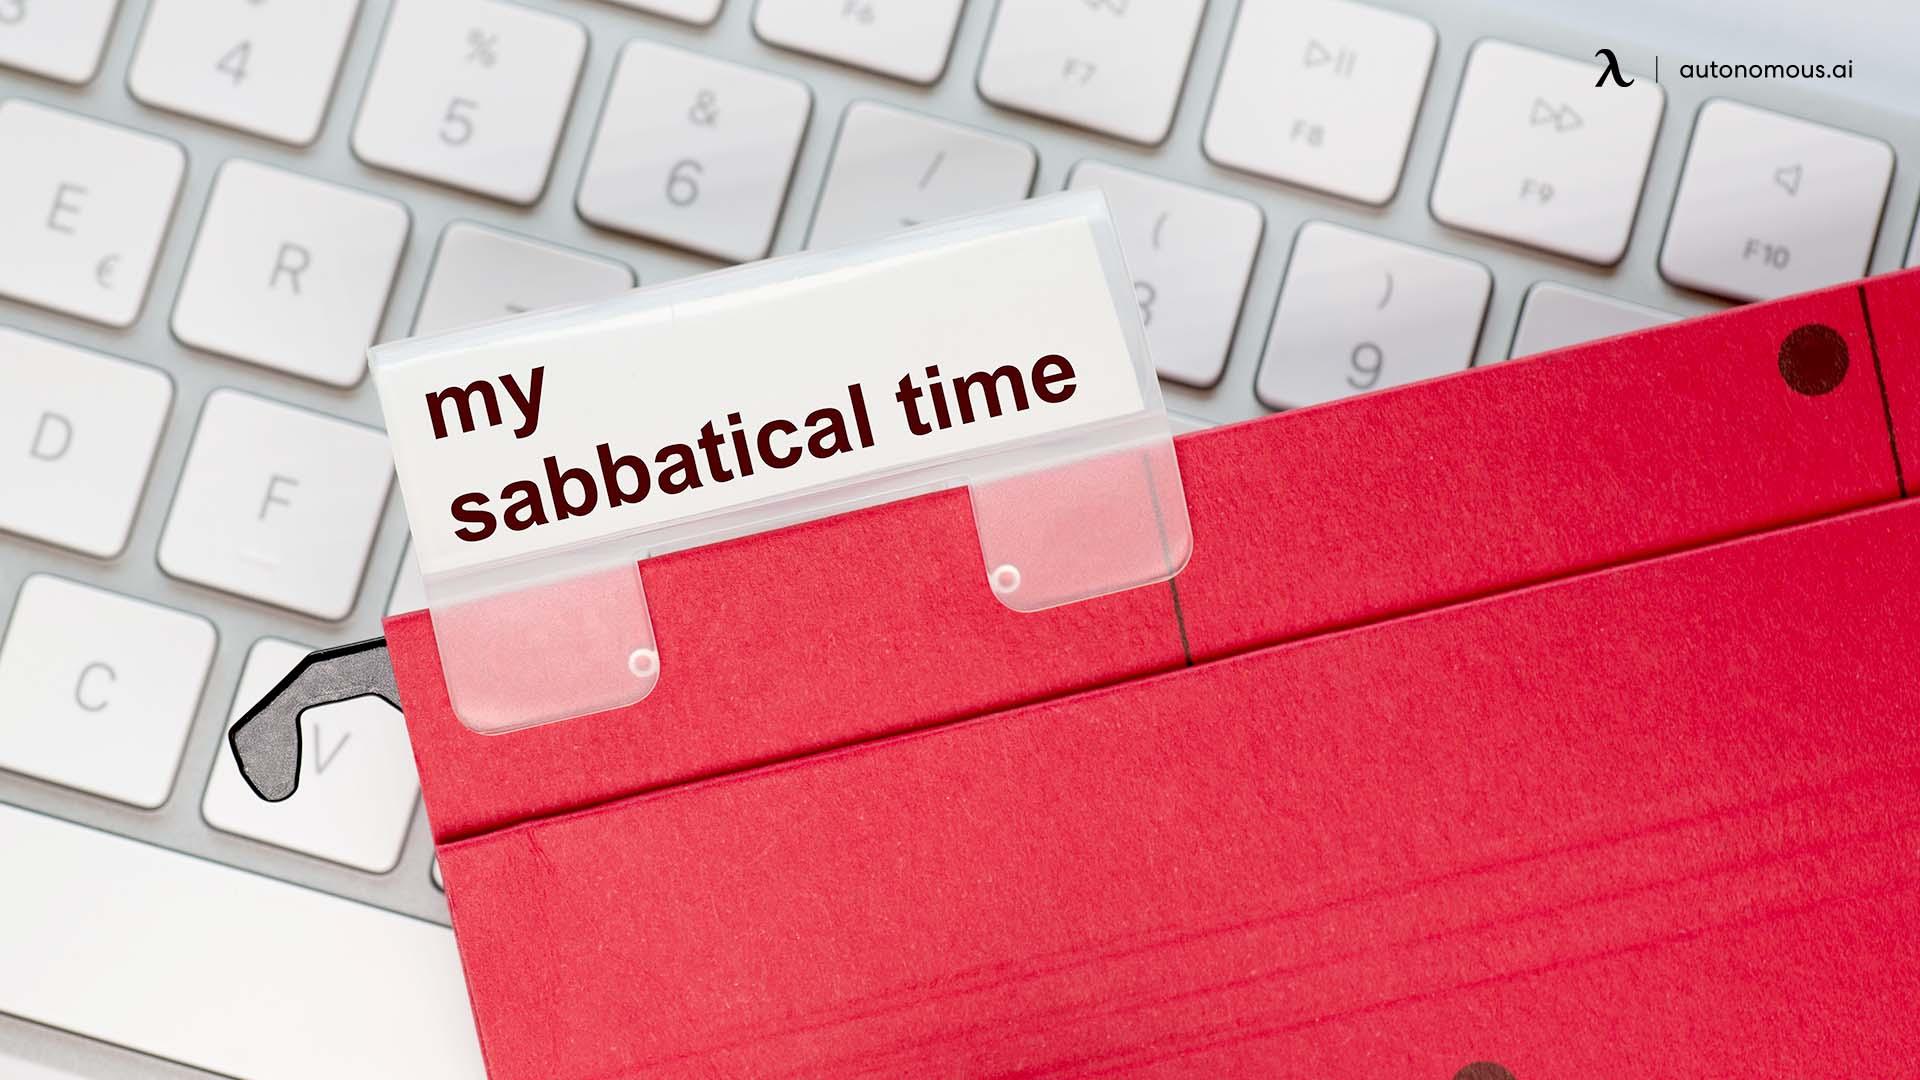 Long-term Sabbatical Leaves